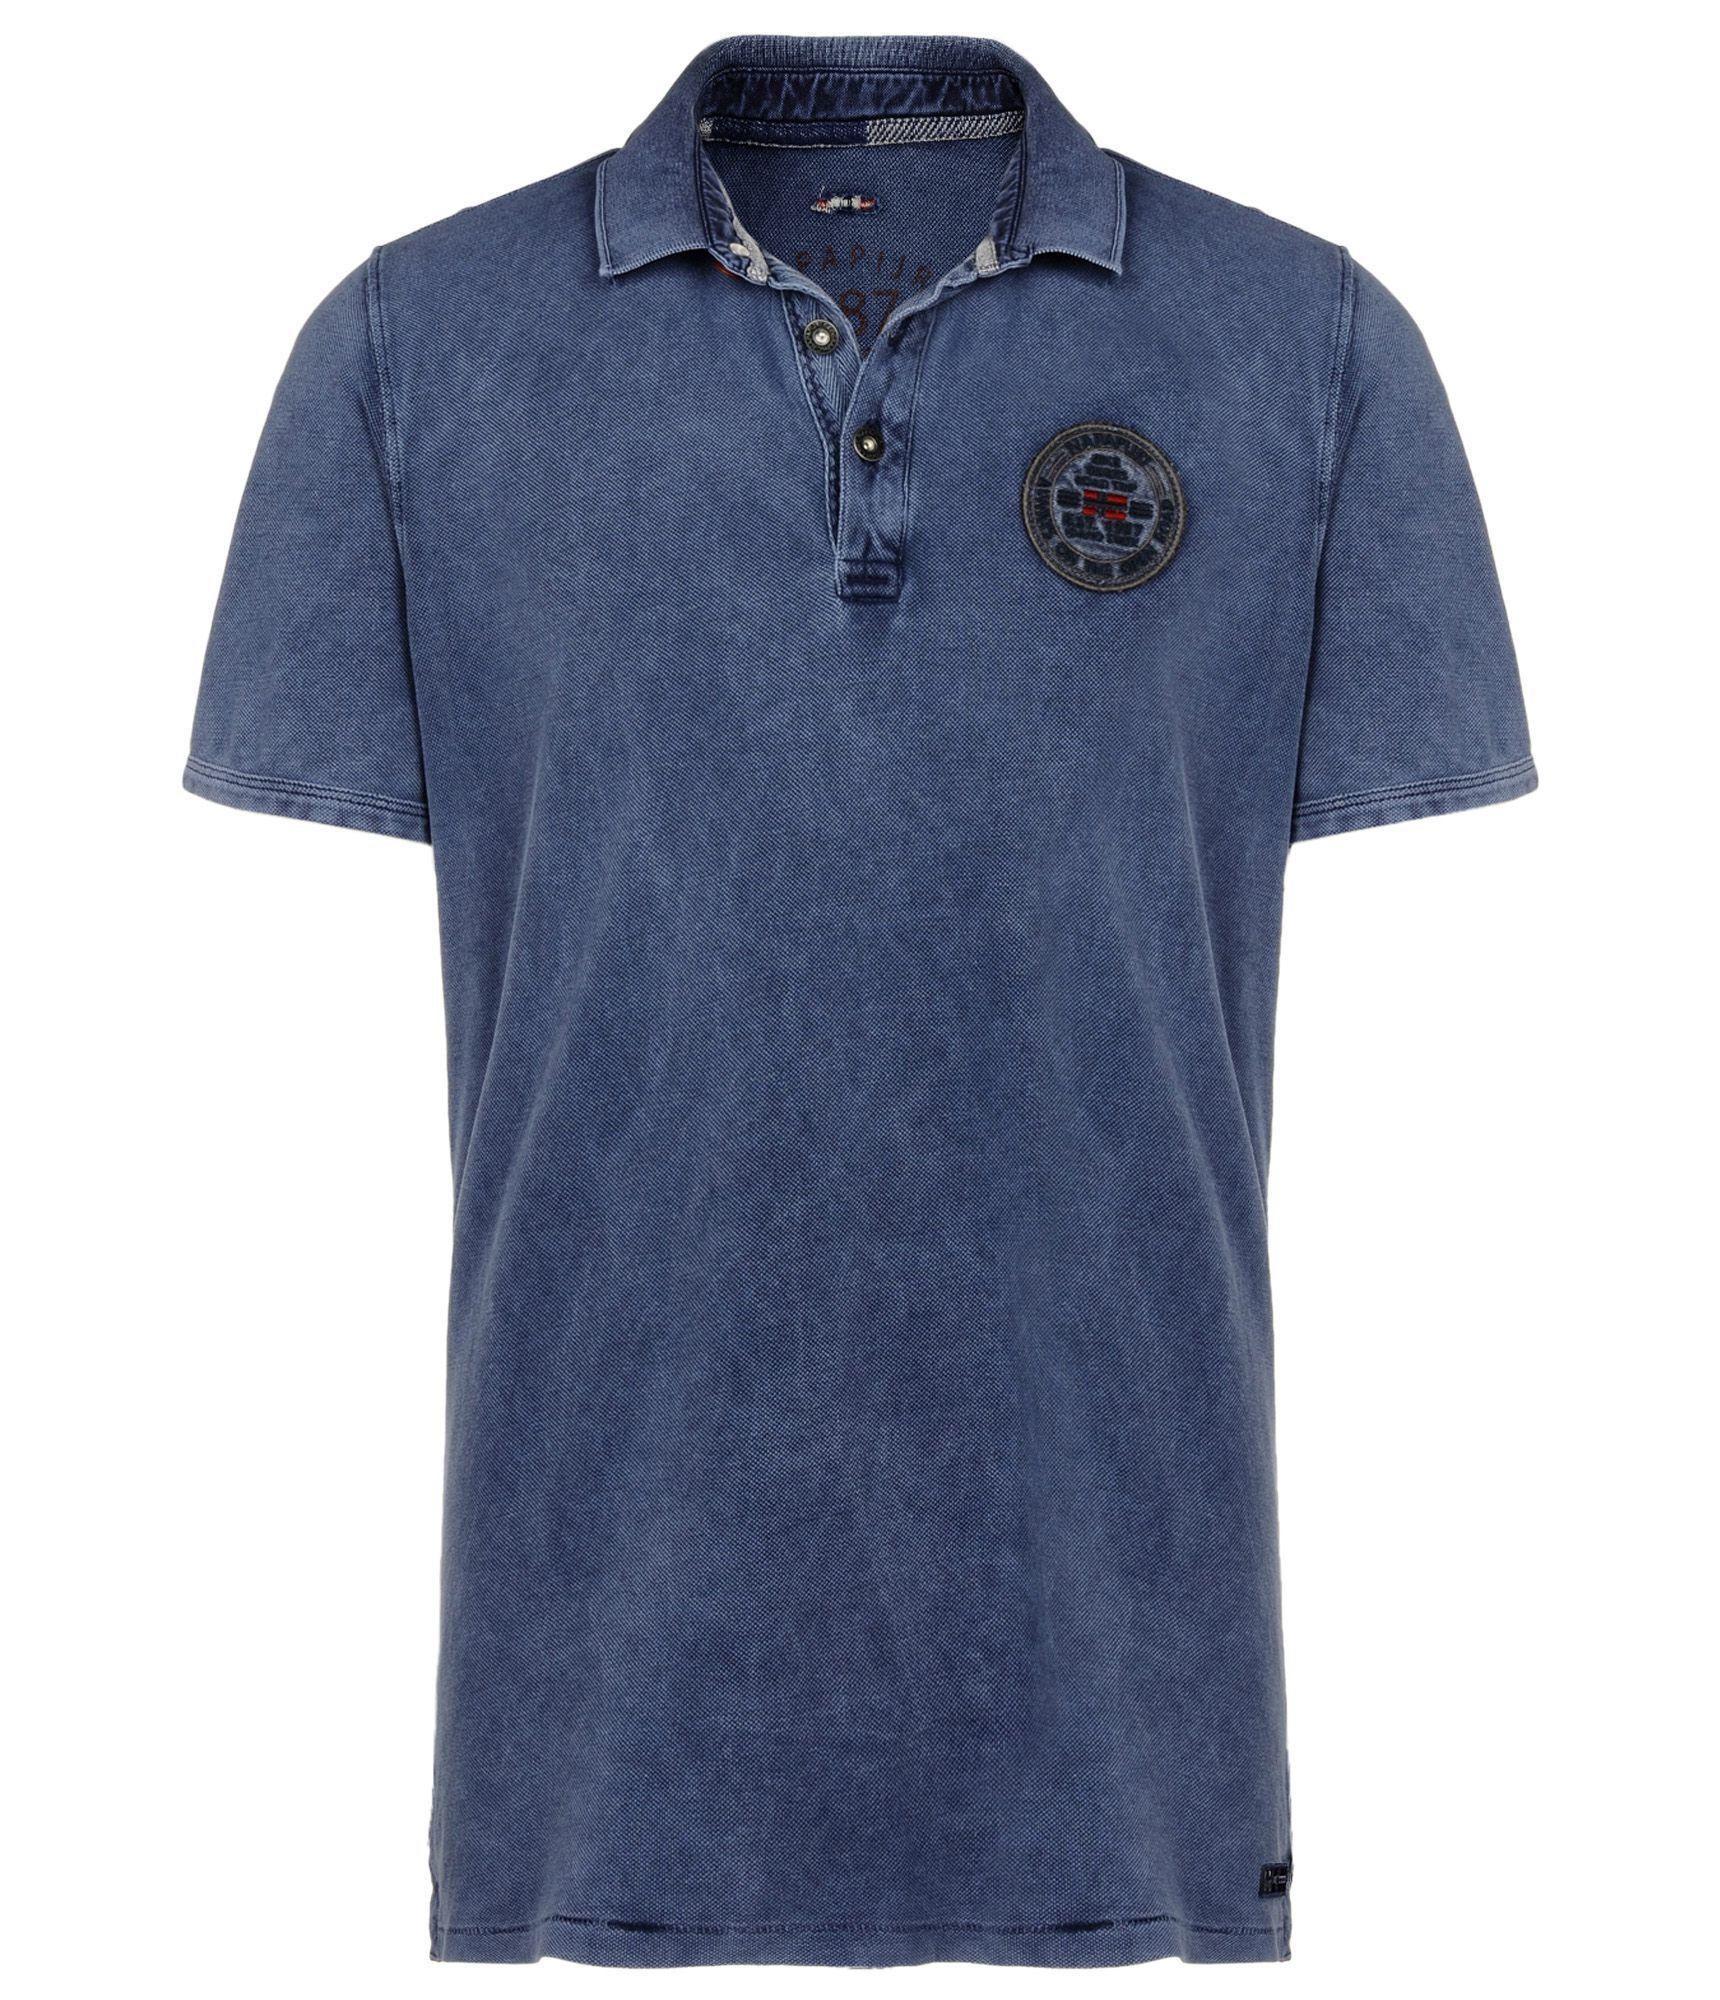 6425544b42f1 EXTORY - Polo Homme - Napapijri Online Store Officiel   Vêtements ...